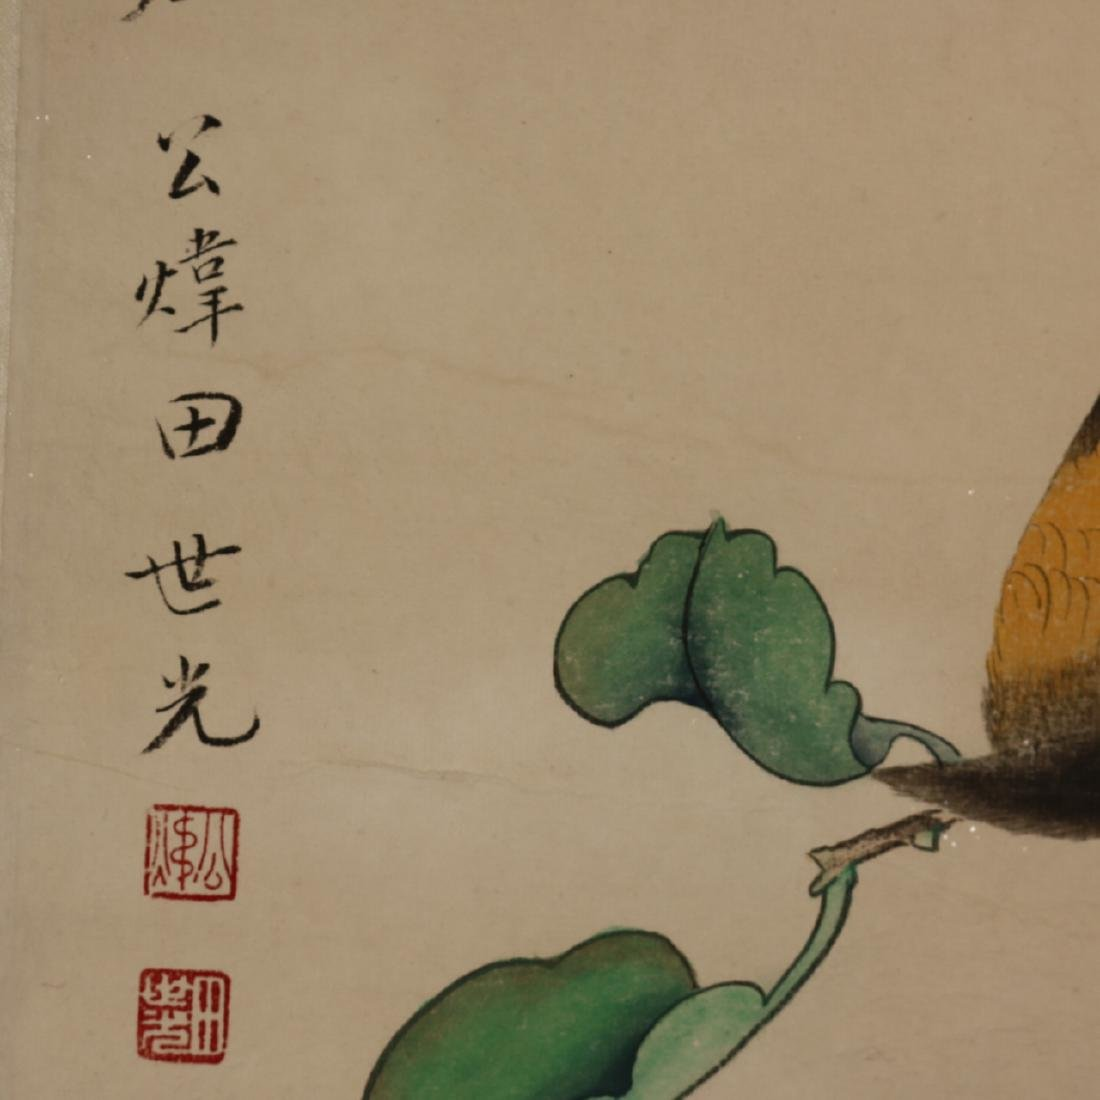 Attributed to Tian Shi Guang - 3